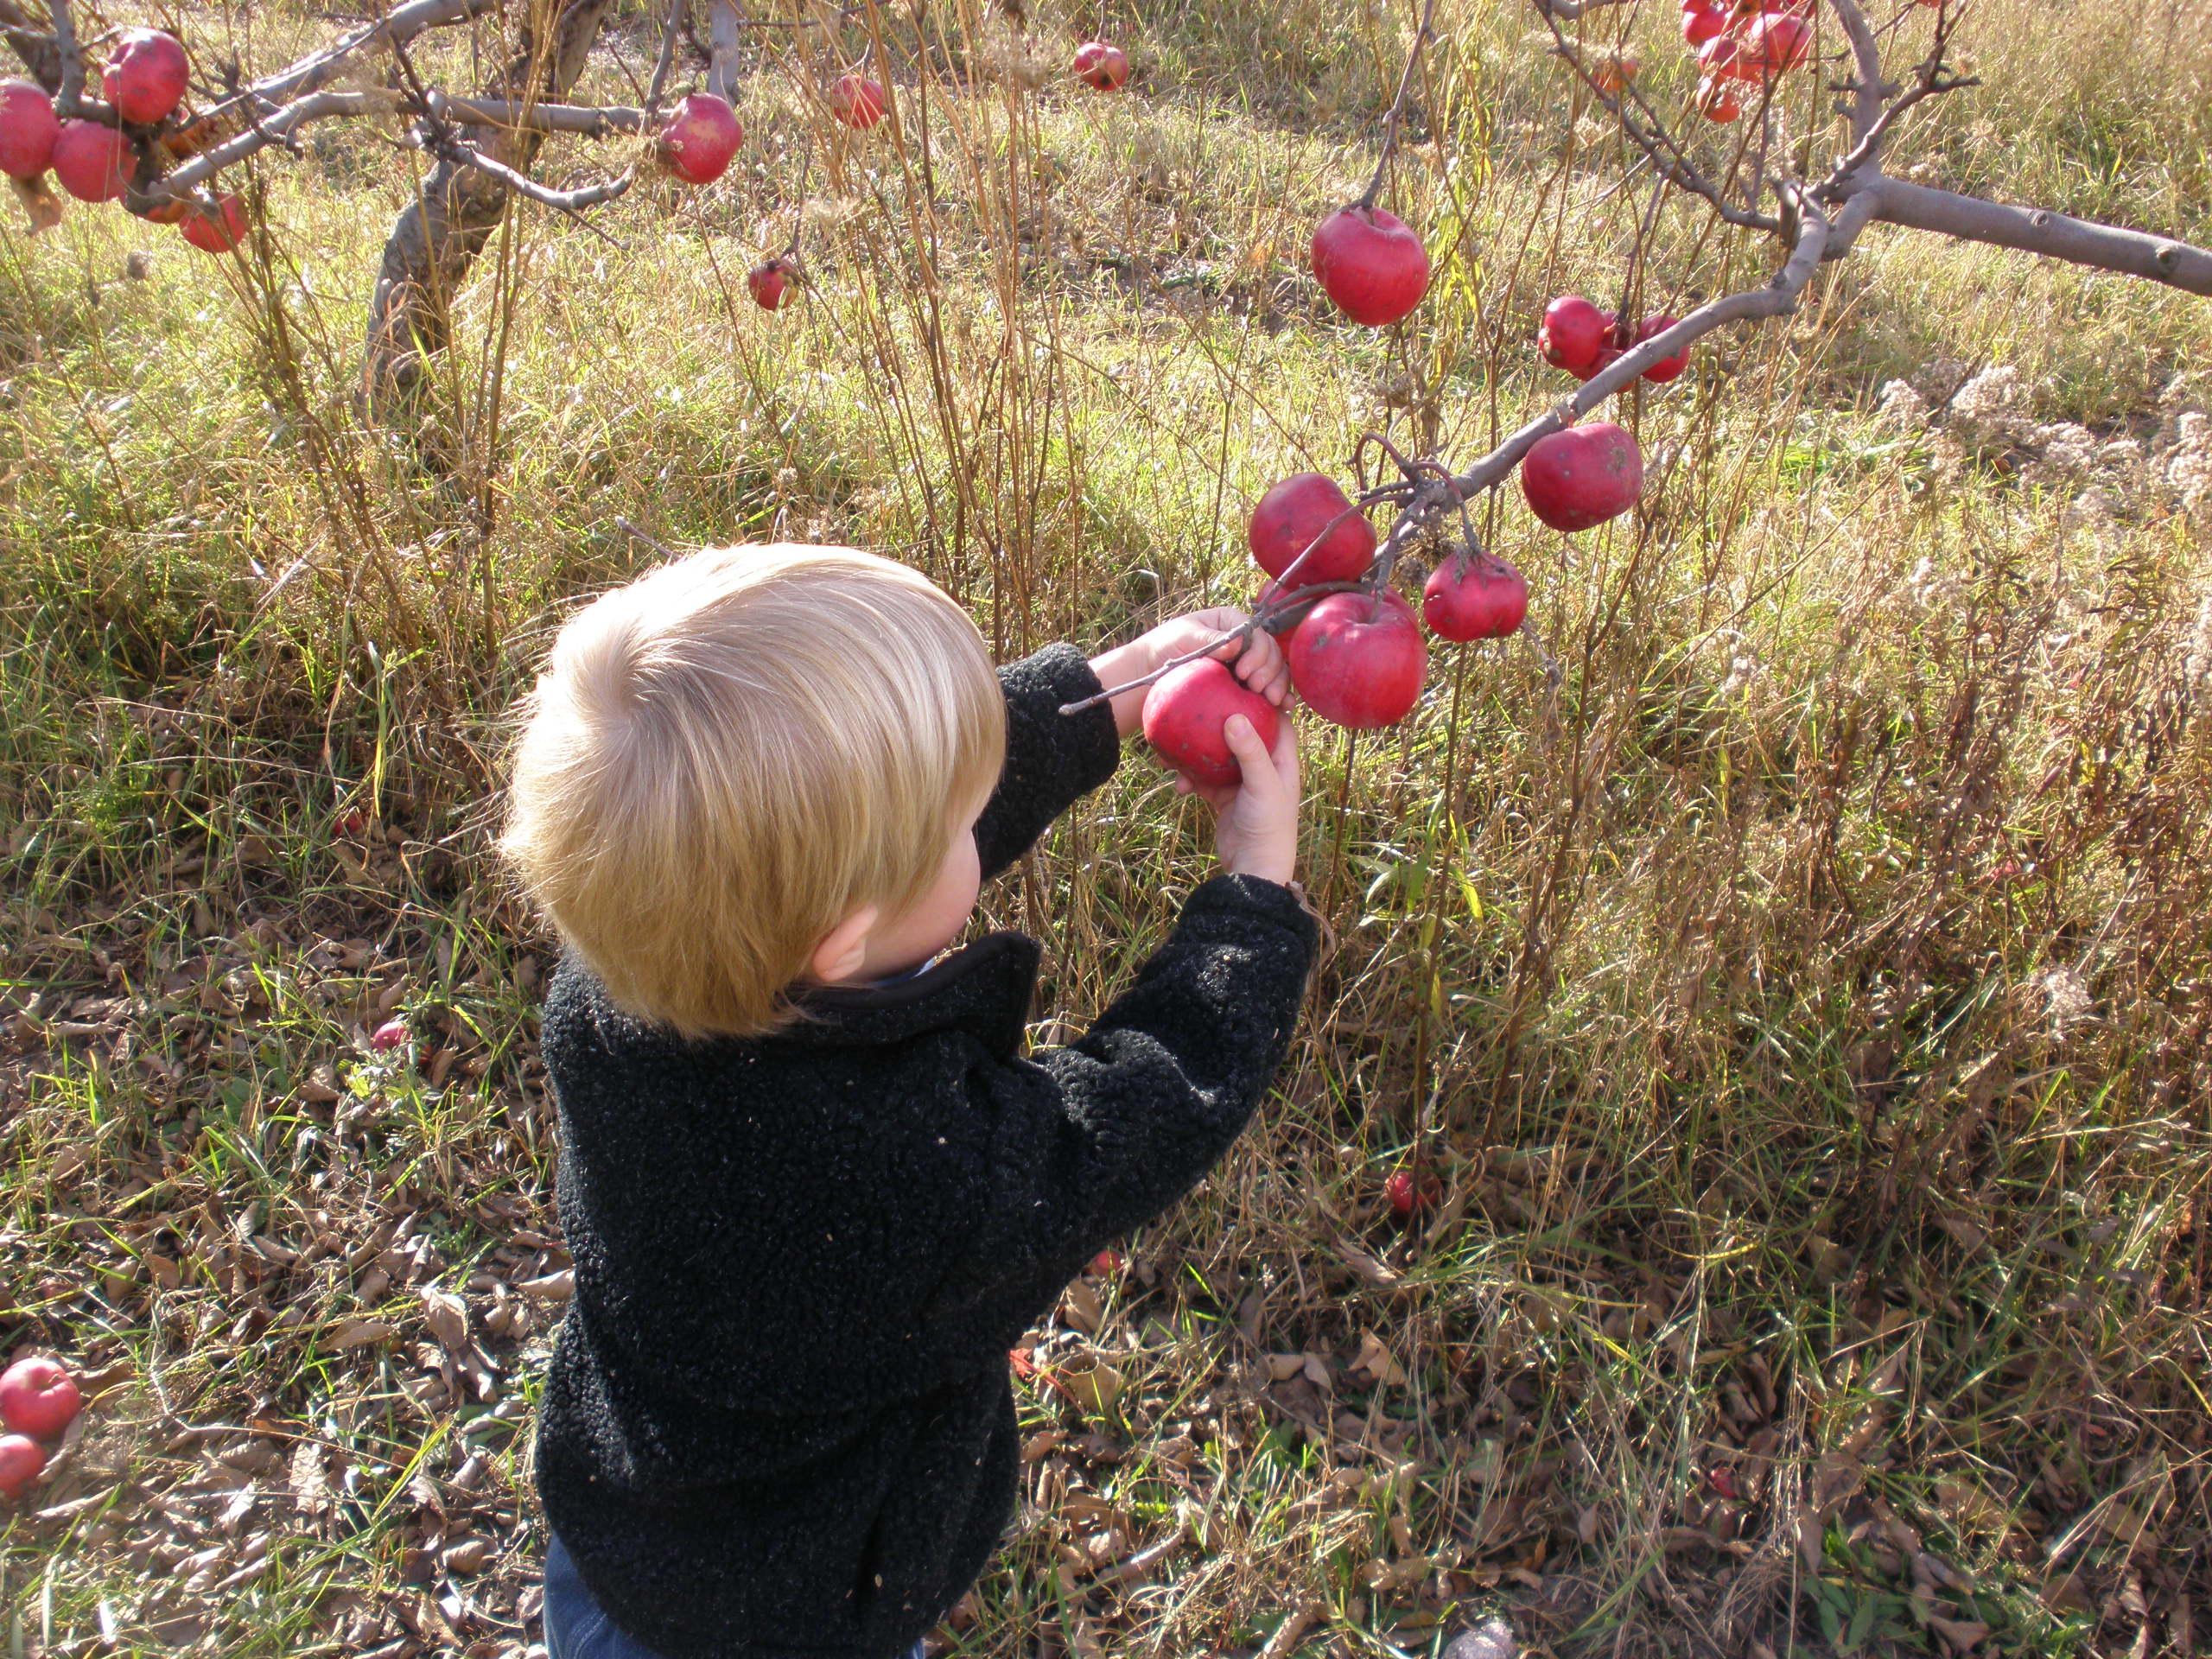 Little guy pickin' apples